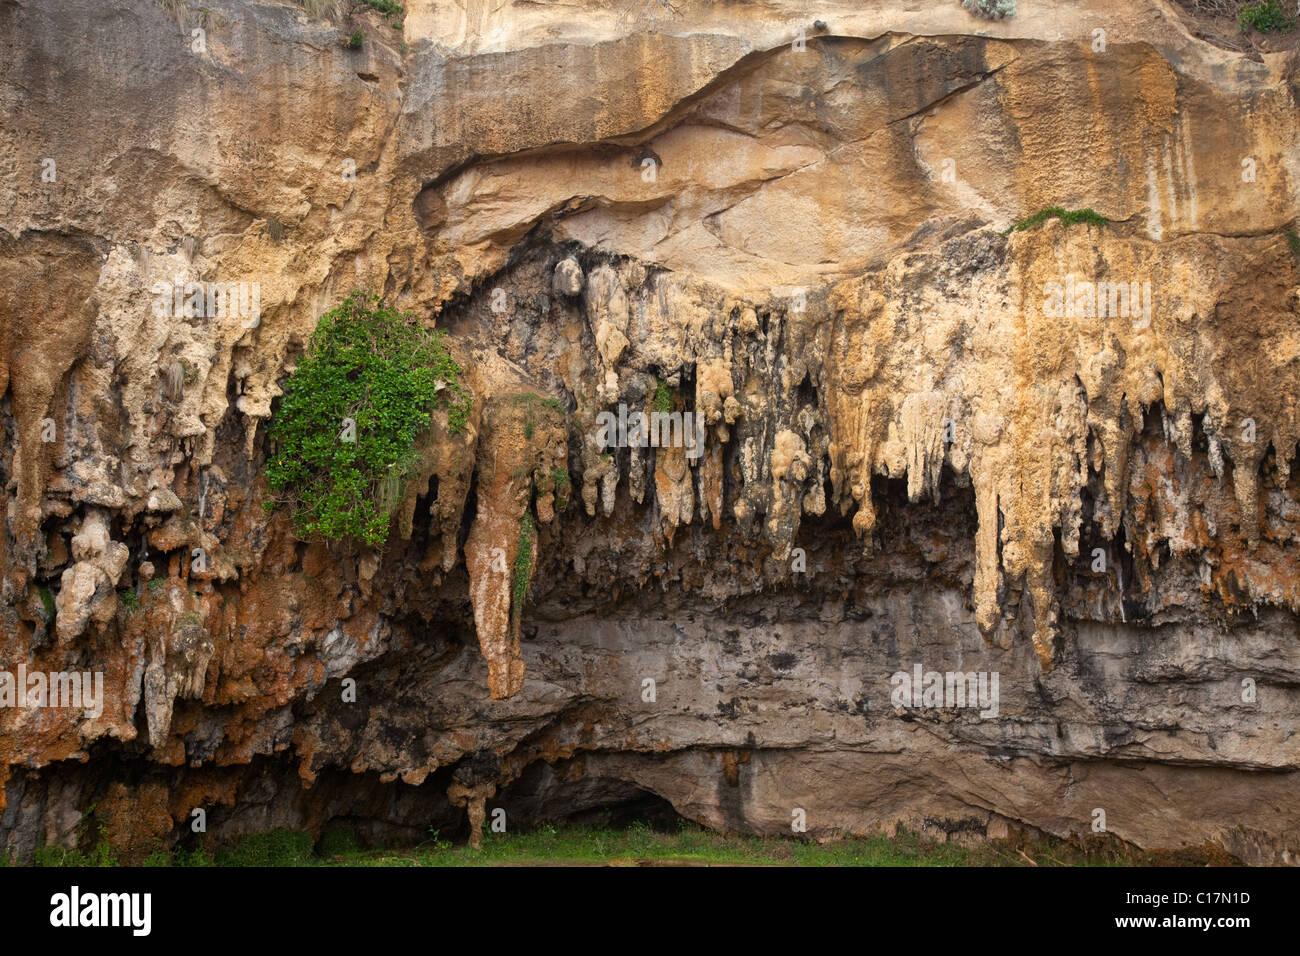 Grotte exposée, Loch Ard Gorge, Parc National de Port Campbell, le long de la Great Ocean Road, Victoria, Australie Photo Stock